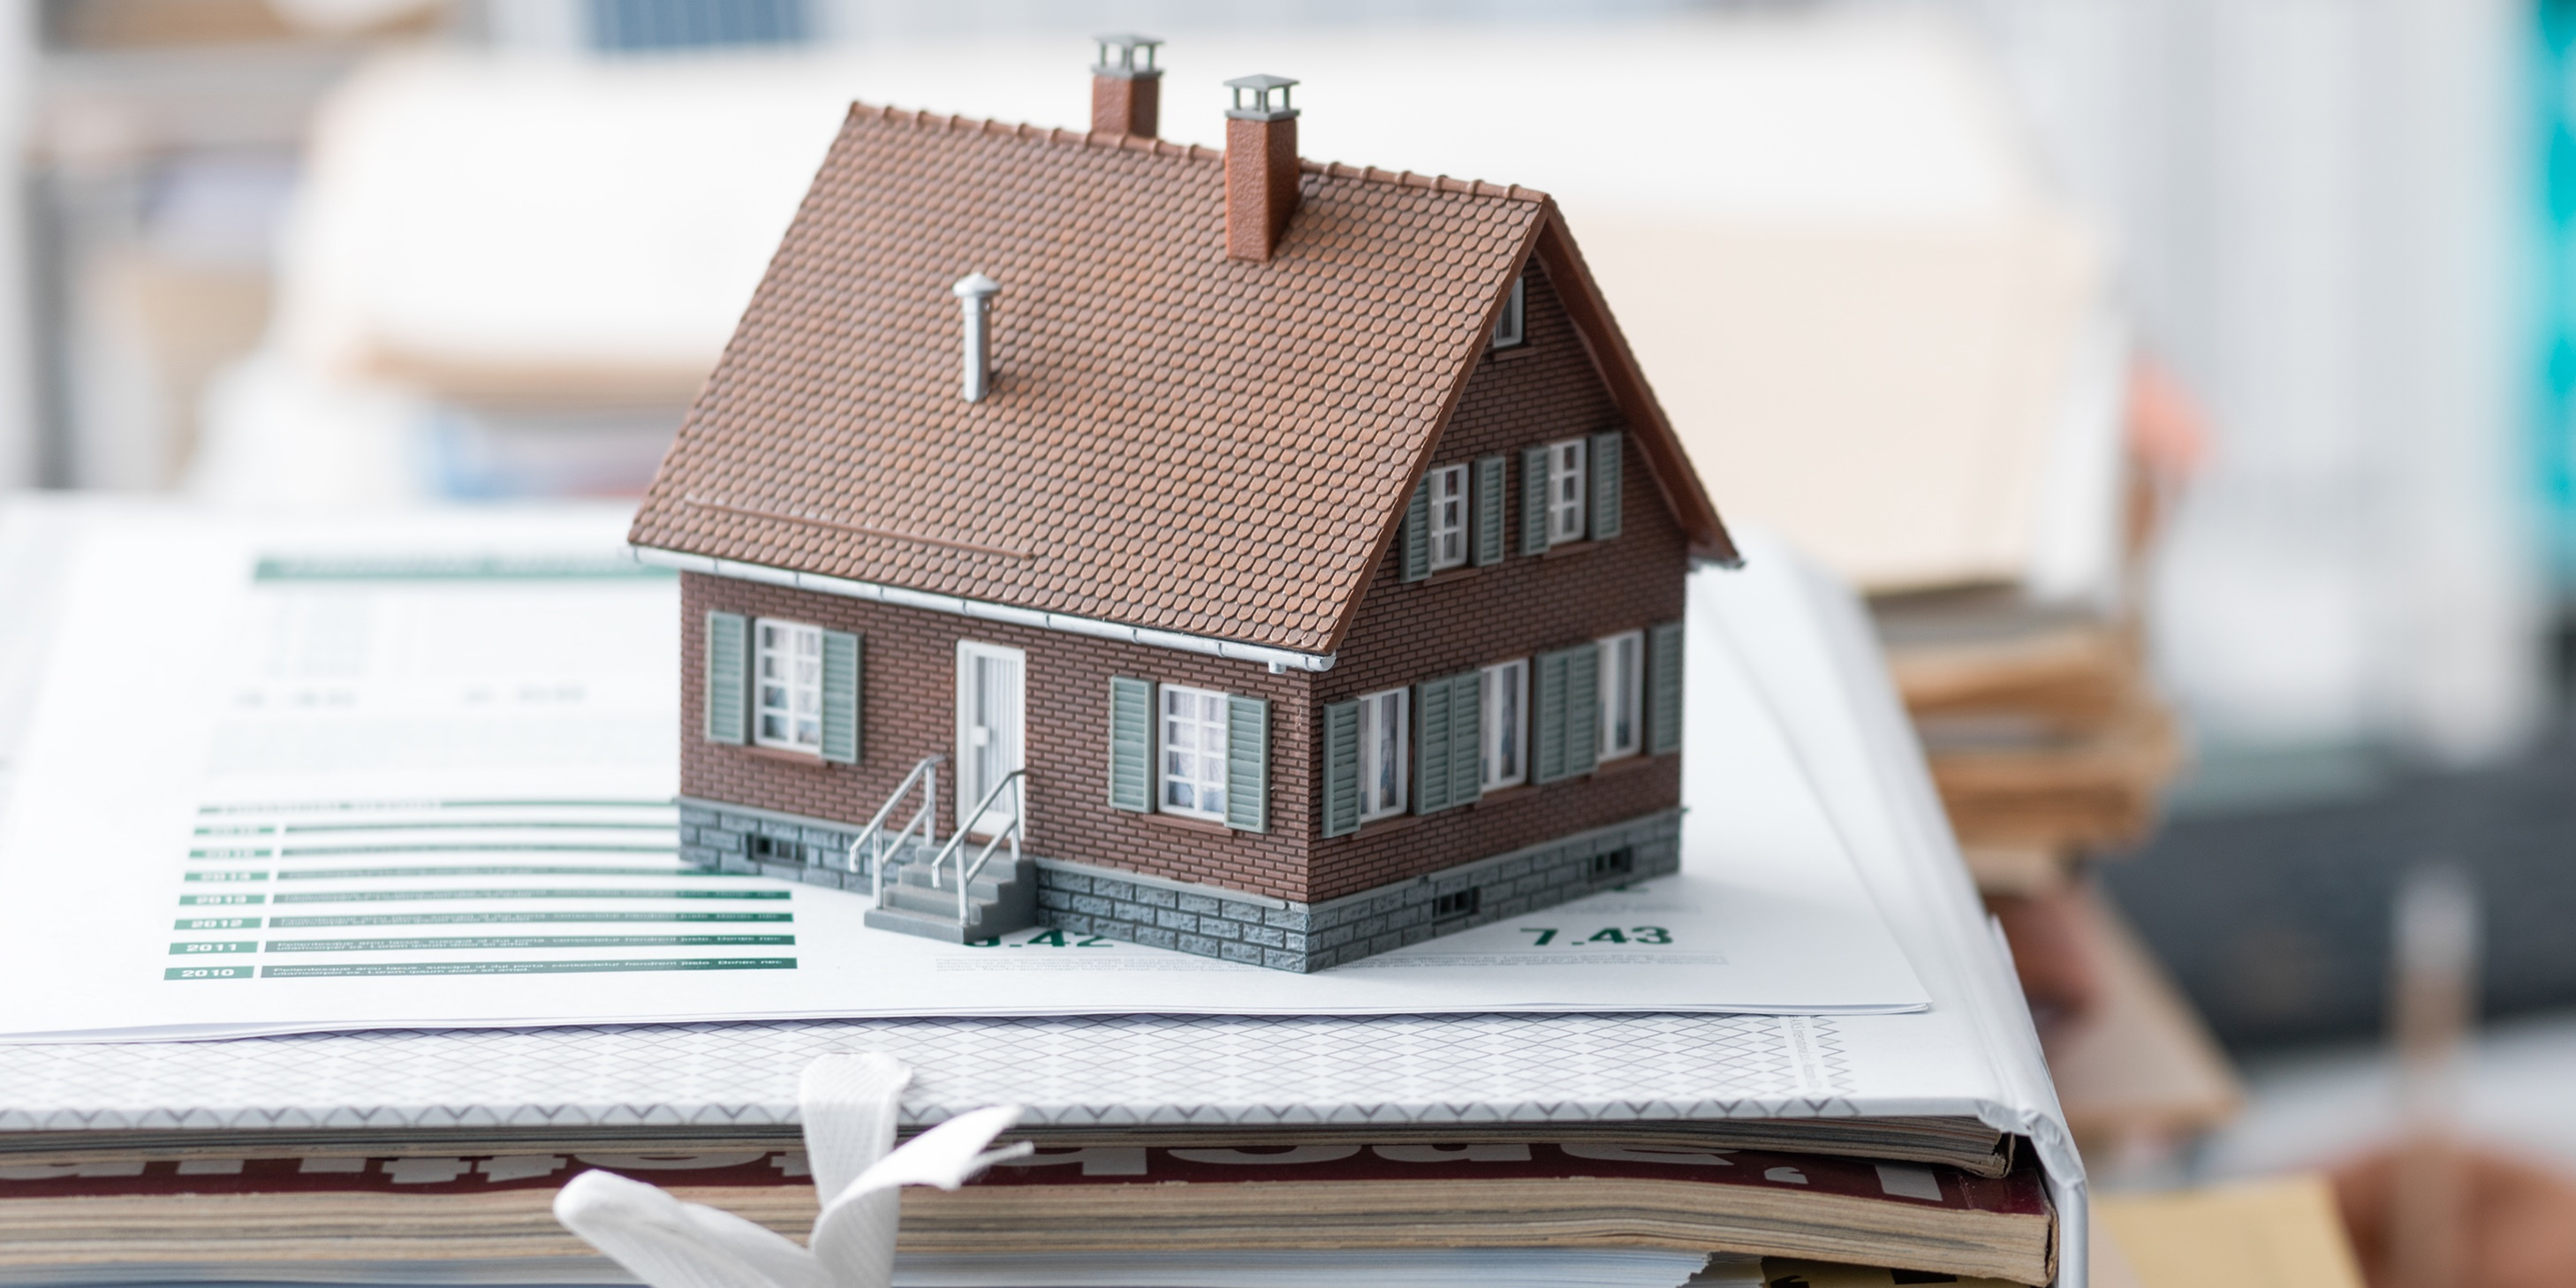 descontos condicionais imobiliaria blog